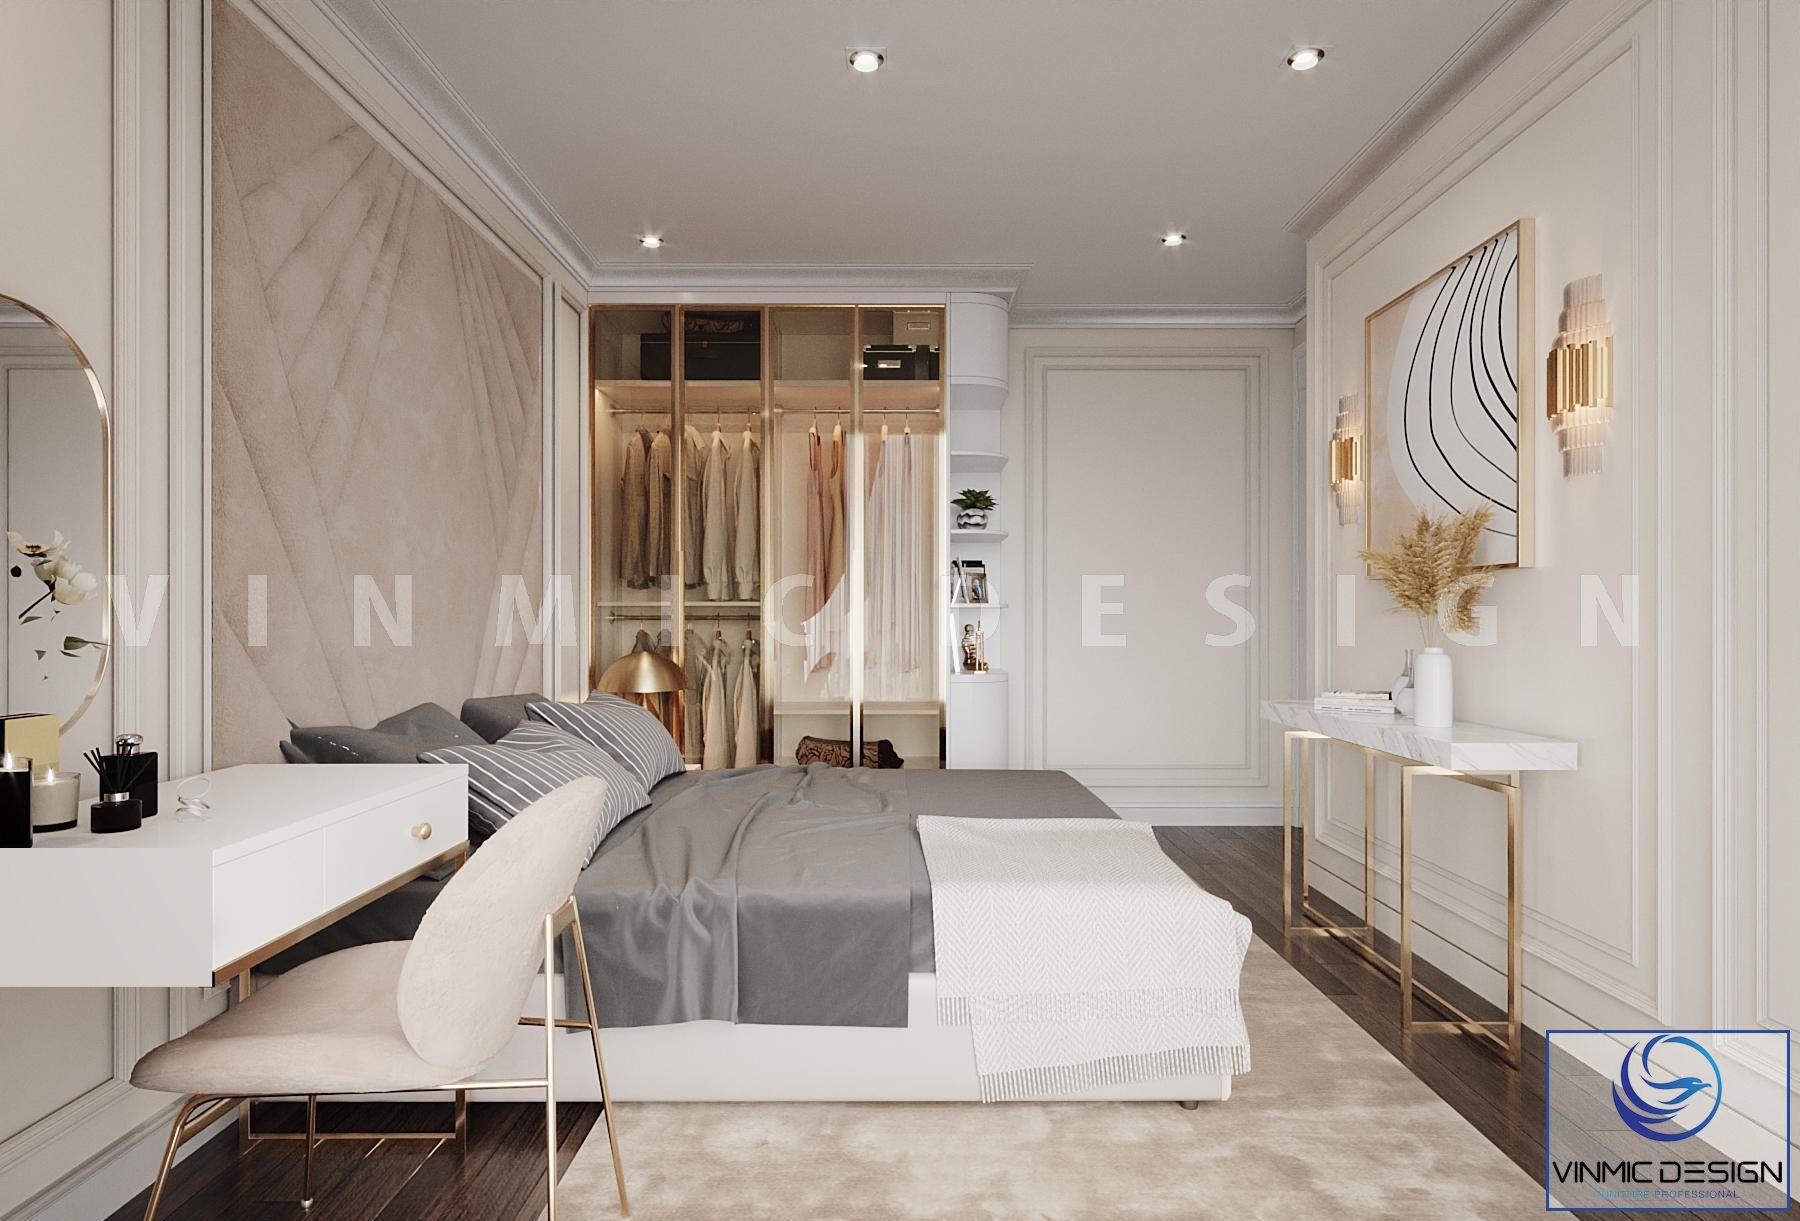 Ở góc này, mẫu Thiết kế nội thất phong cách tân cổ điển với tone màu vàng đồng làm điểm nhấn với ánh sáng đèn và chân kệ tivi